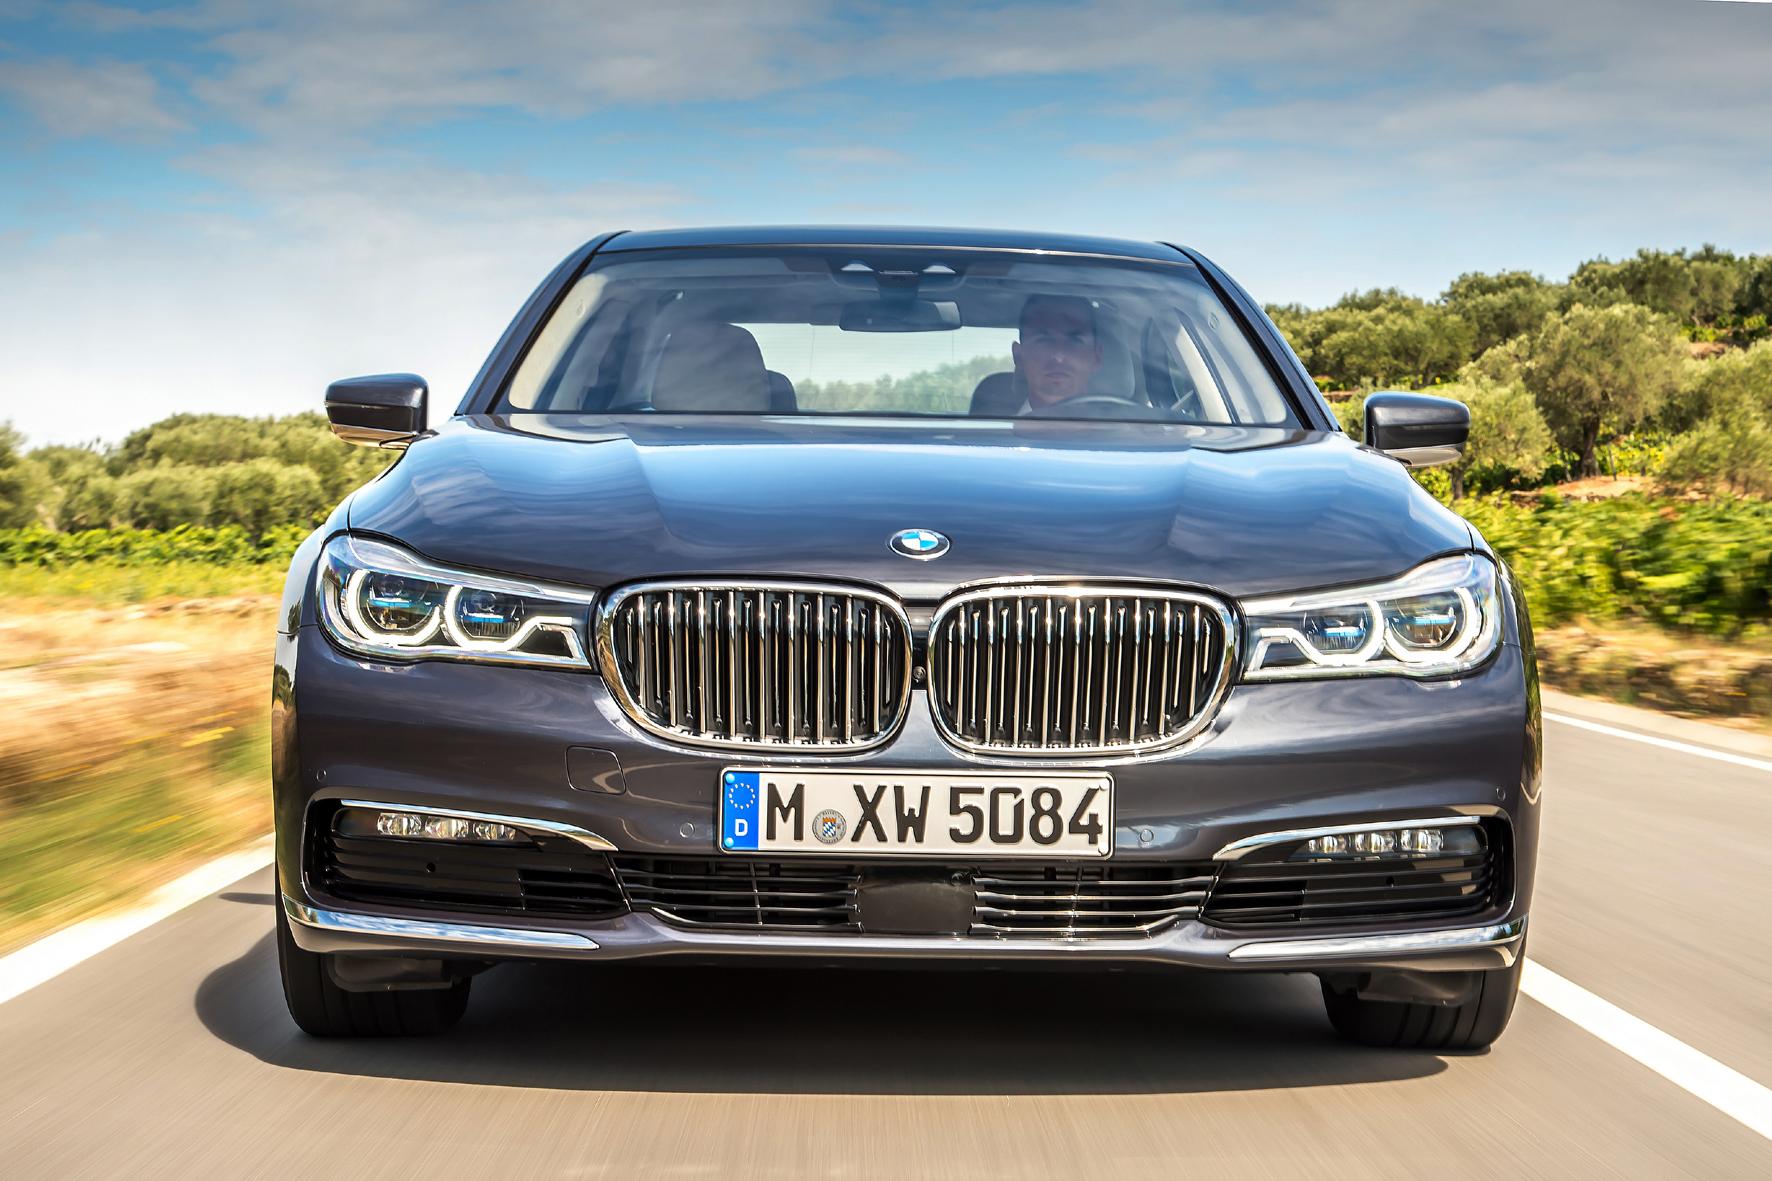 Bayerische Luxus-Limousine mit reichlich Chrome und viel Technik